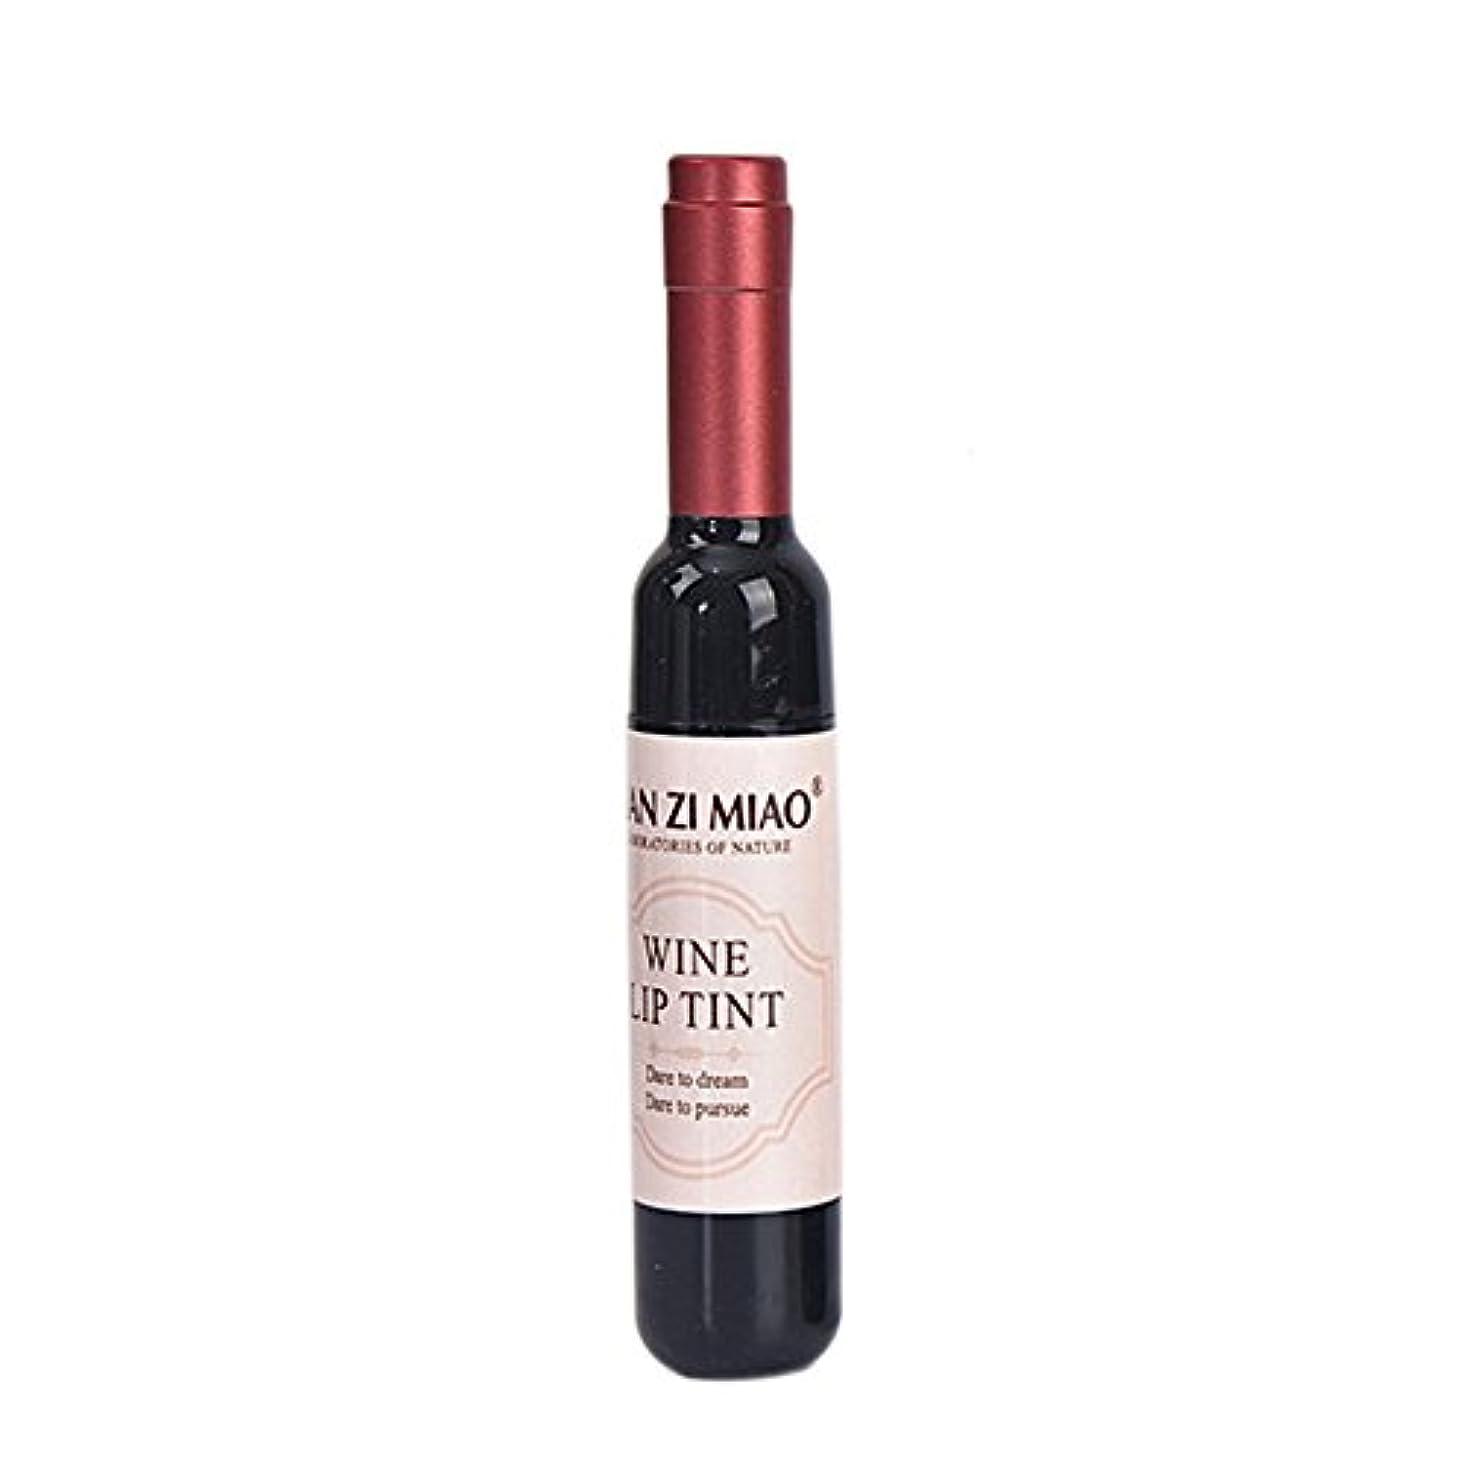 コインランドリー上向きロゴBETTER YOU (ベター ュー) リップグロス ワインボトル ワインボトルの形 長らく保つ 色が落ちない 魅力的な唇を与える 一個入れ (CR01:バラ色)